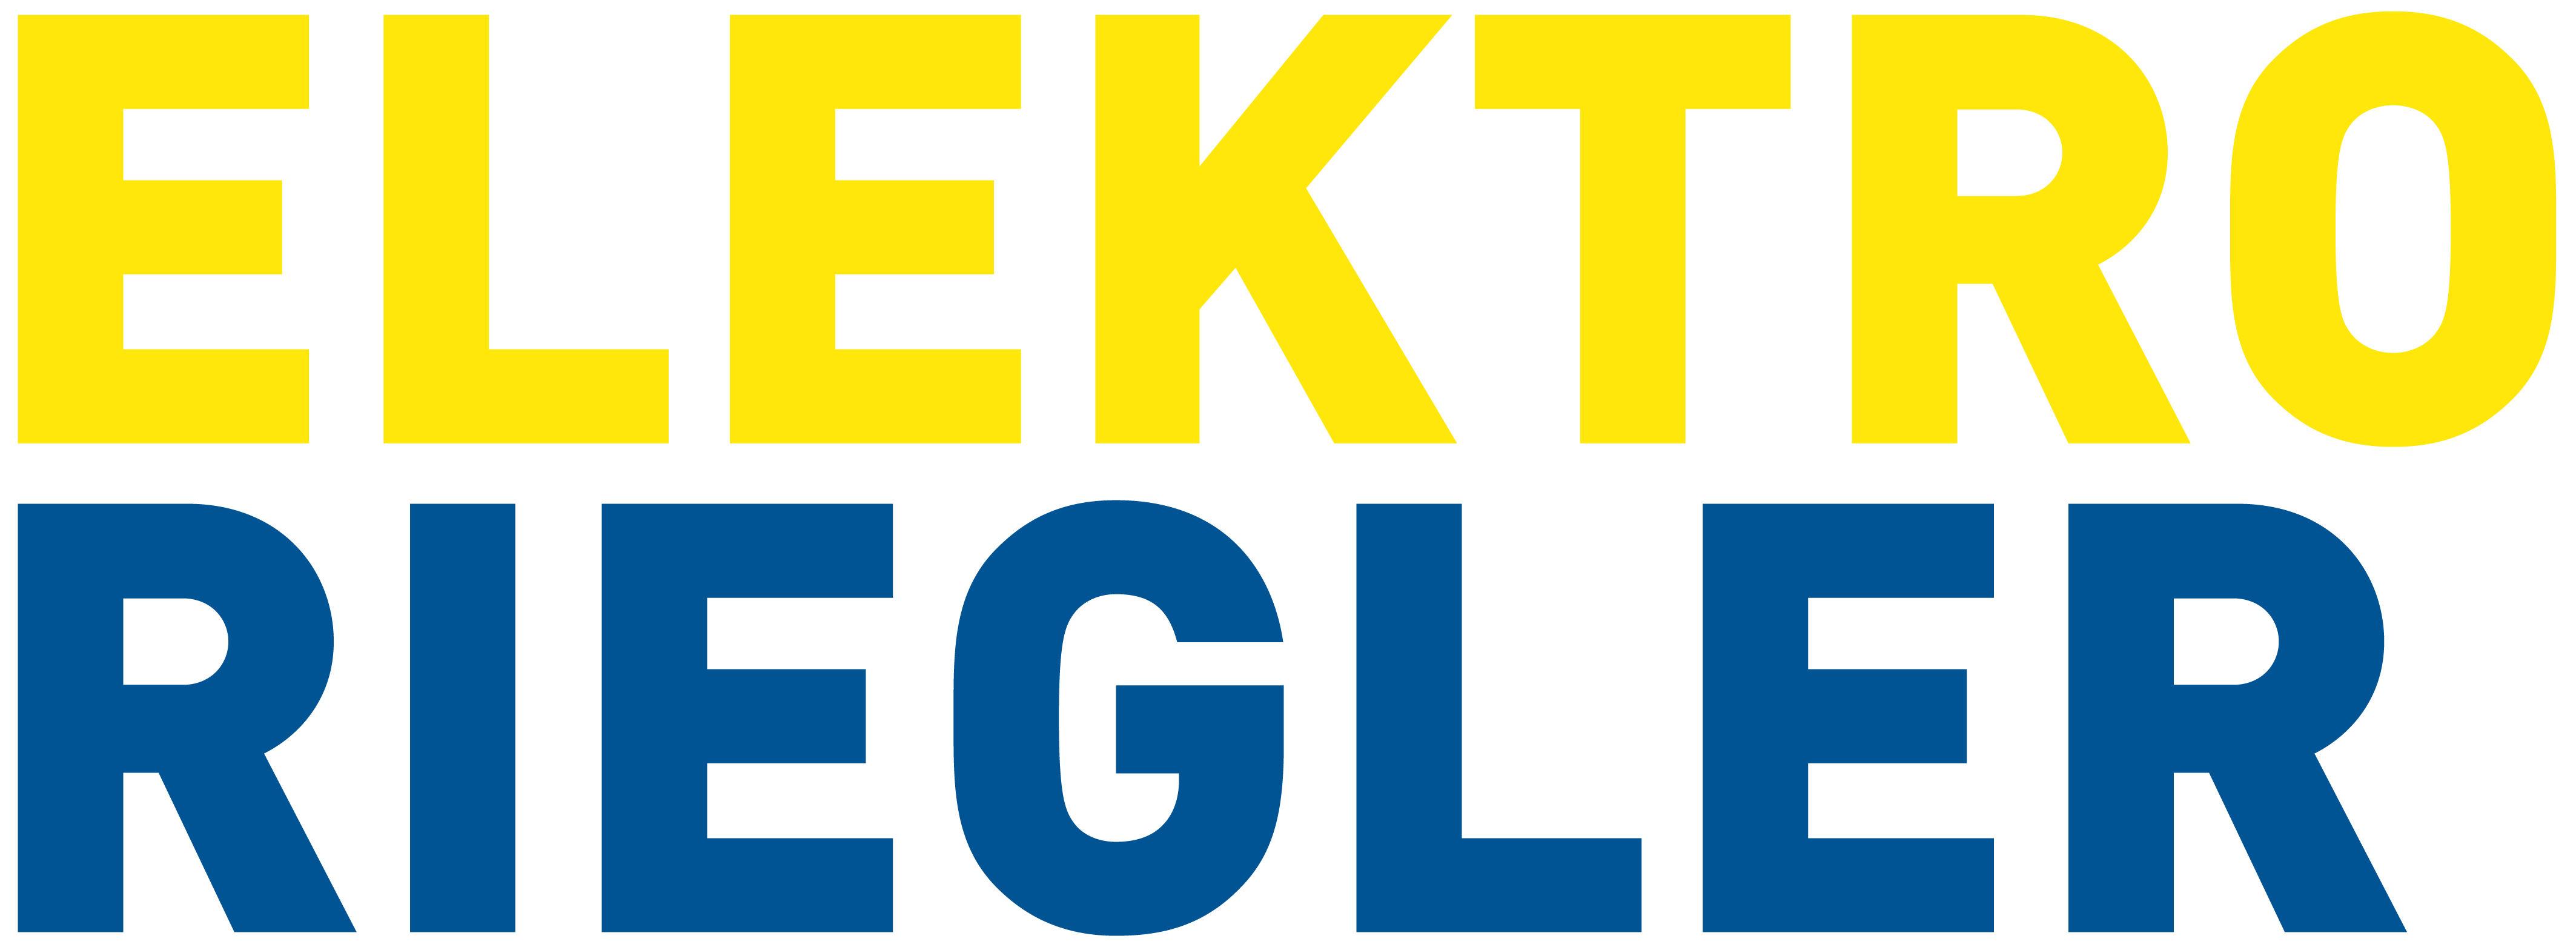 Linearete Bessica Di Loria gruppo sportivo mendelspeck - attività 2012